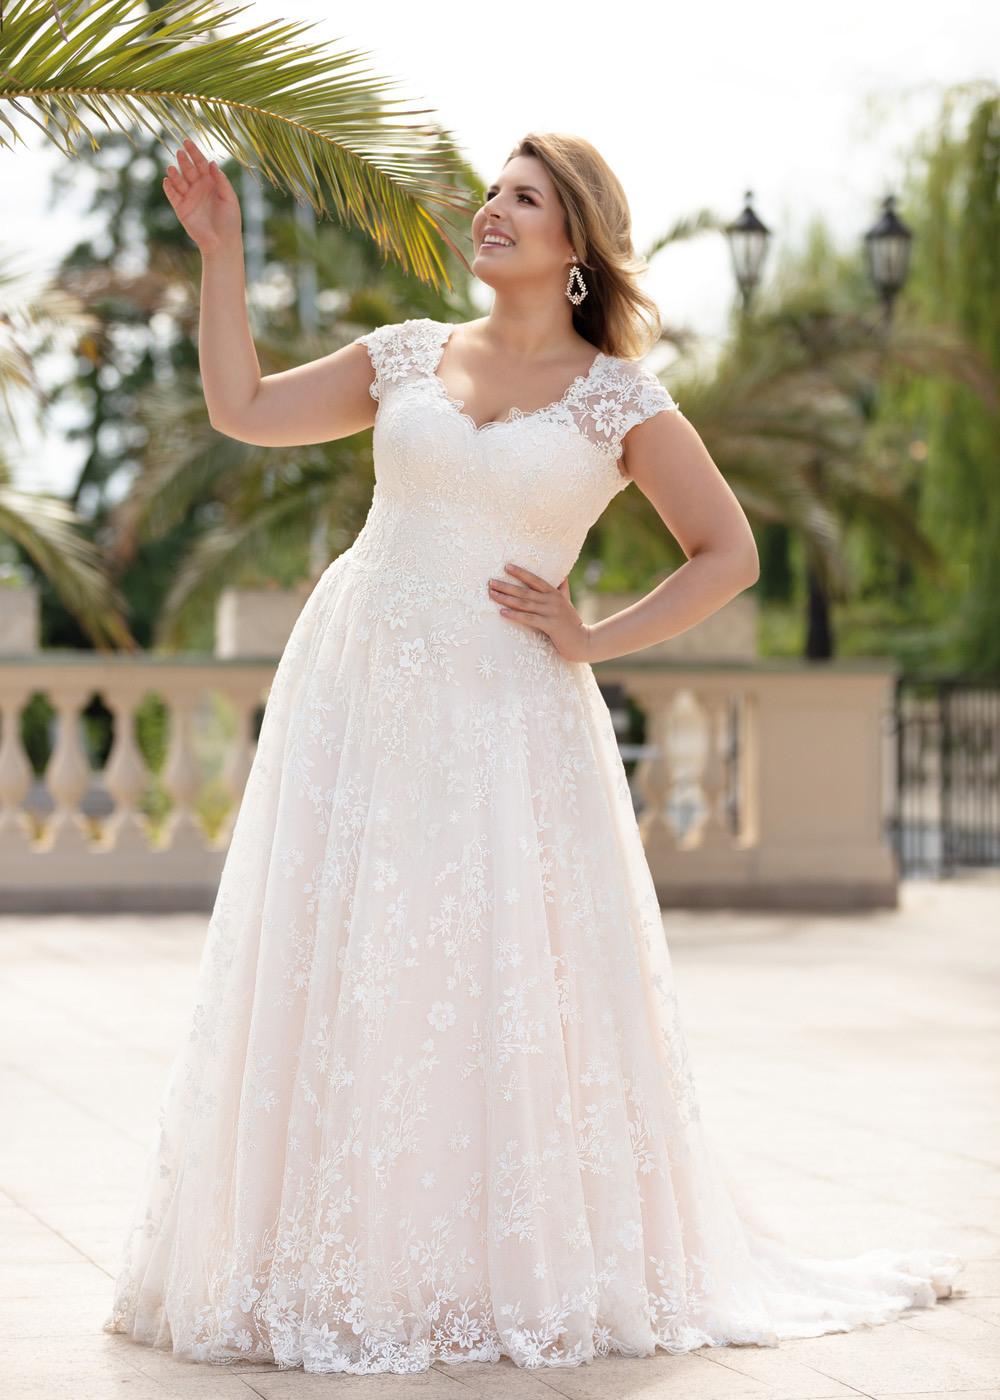 15 Wunderbar Hochzeitskleider Shop Boutique Großartig Hochzeitskleider Shop Bester Preis